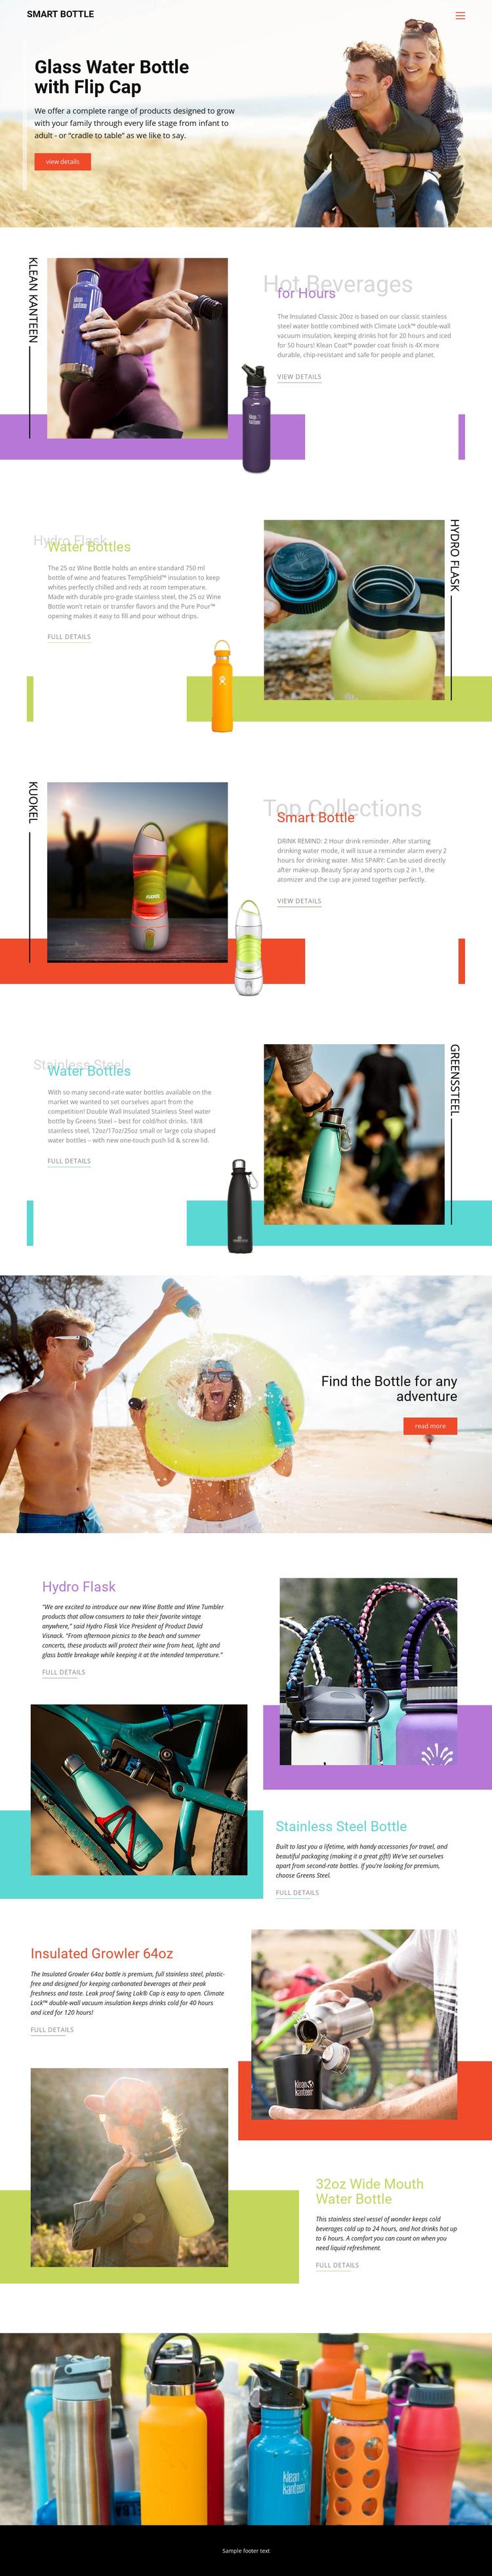 Water Bottles Joomla Template